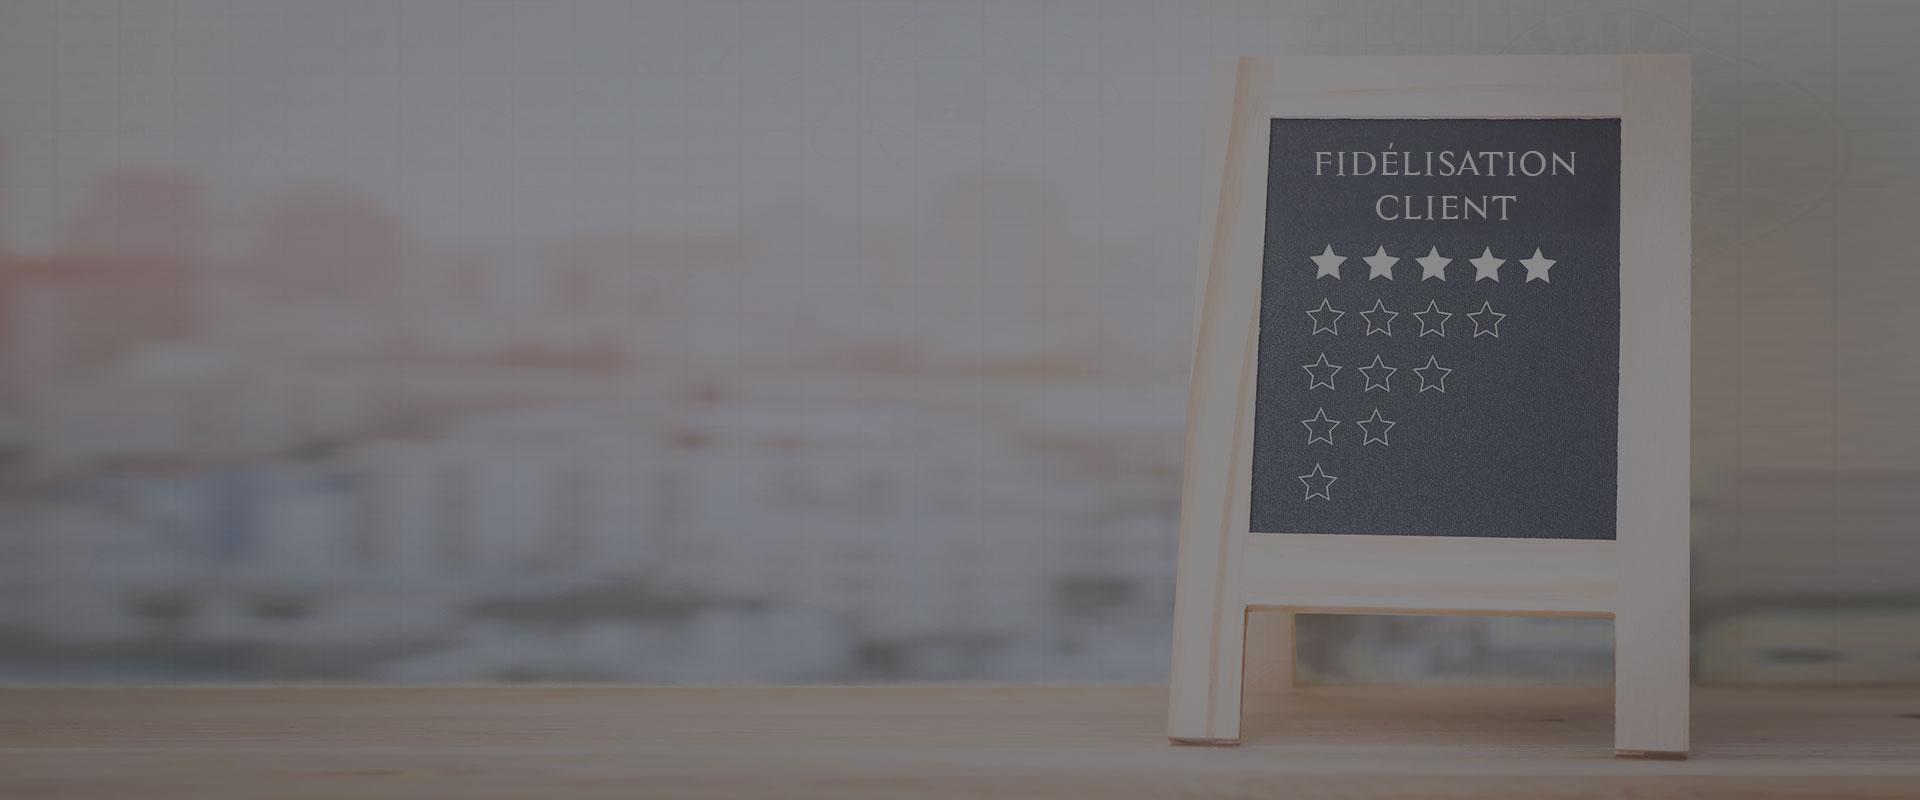 fidelisation-client